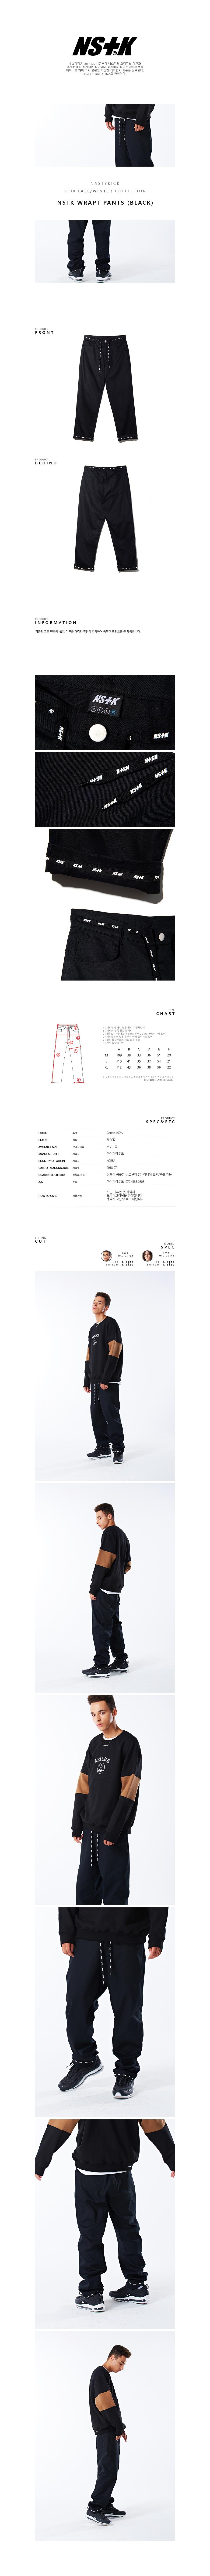 [NK] NSTK WRAPT PANTS (BLACK).jpg